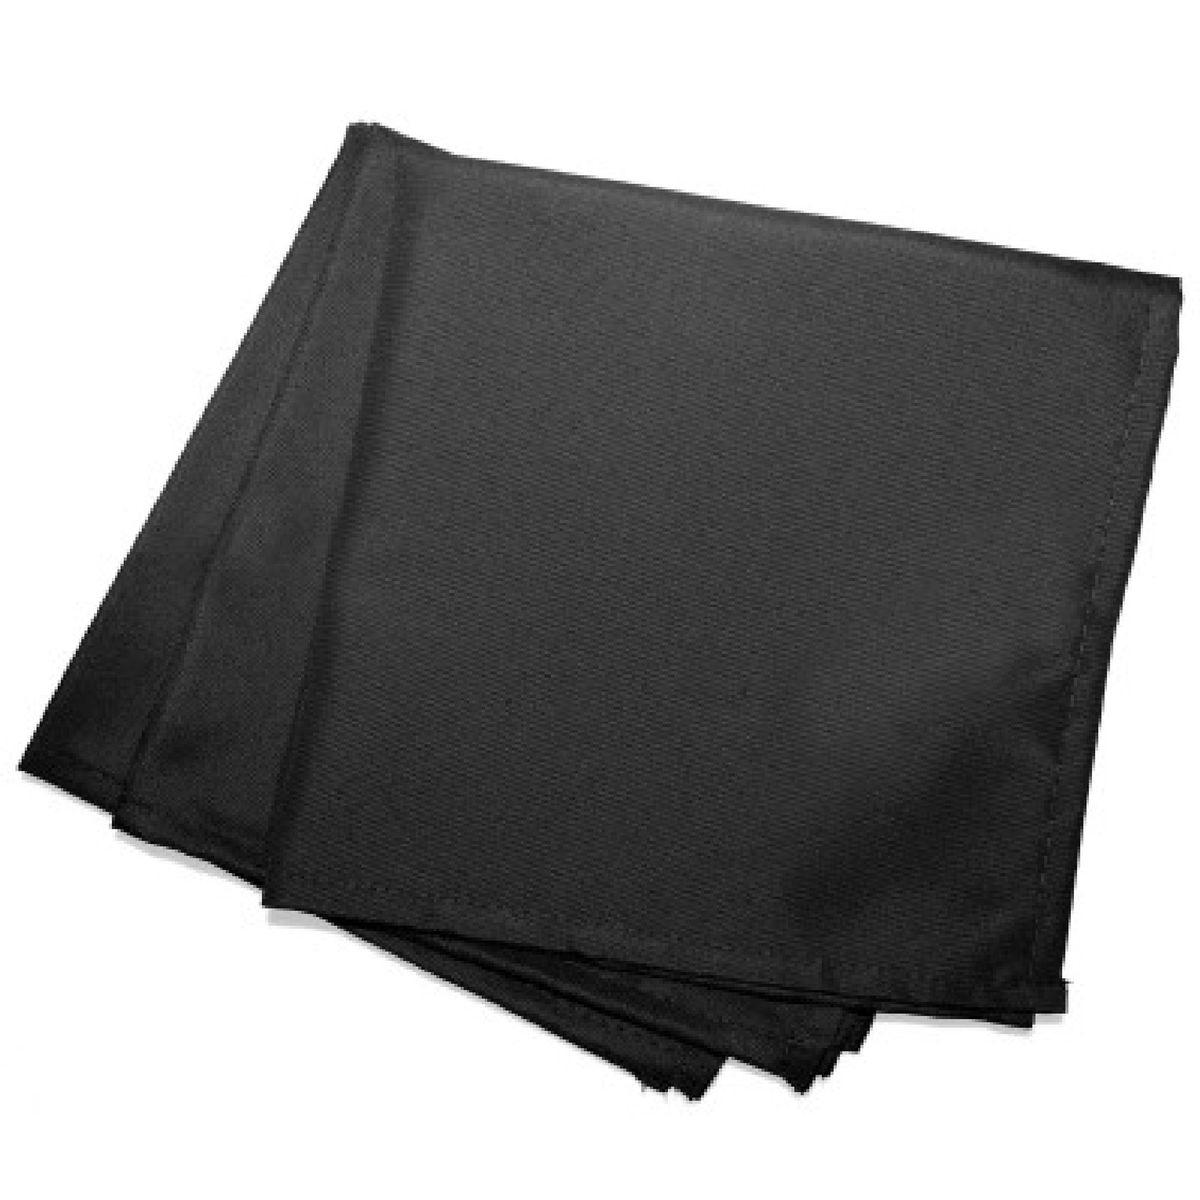 3 Serviettes de table  40 x 40 cm noir